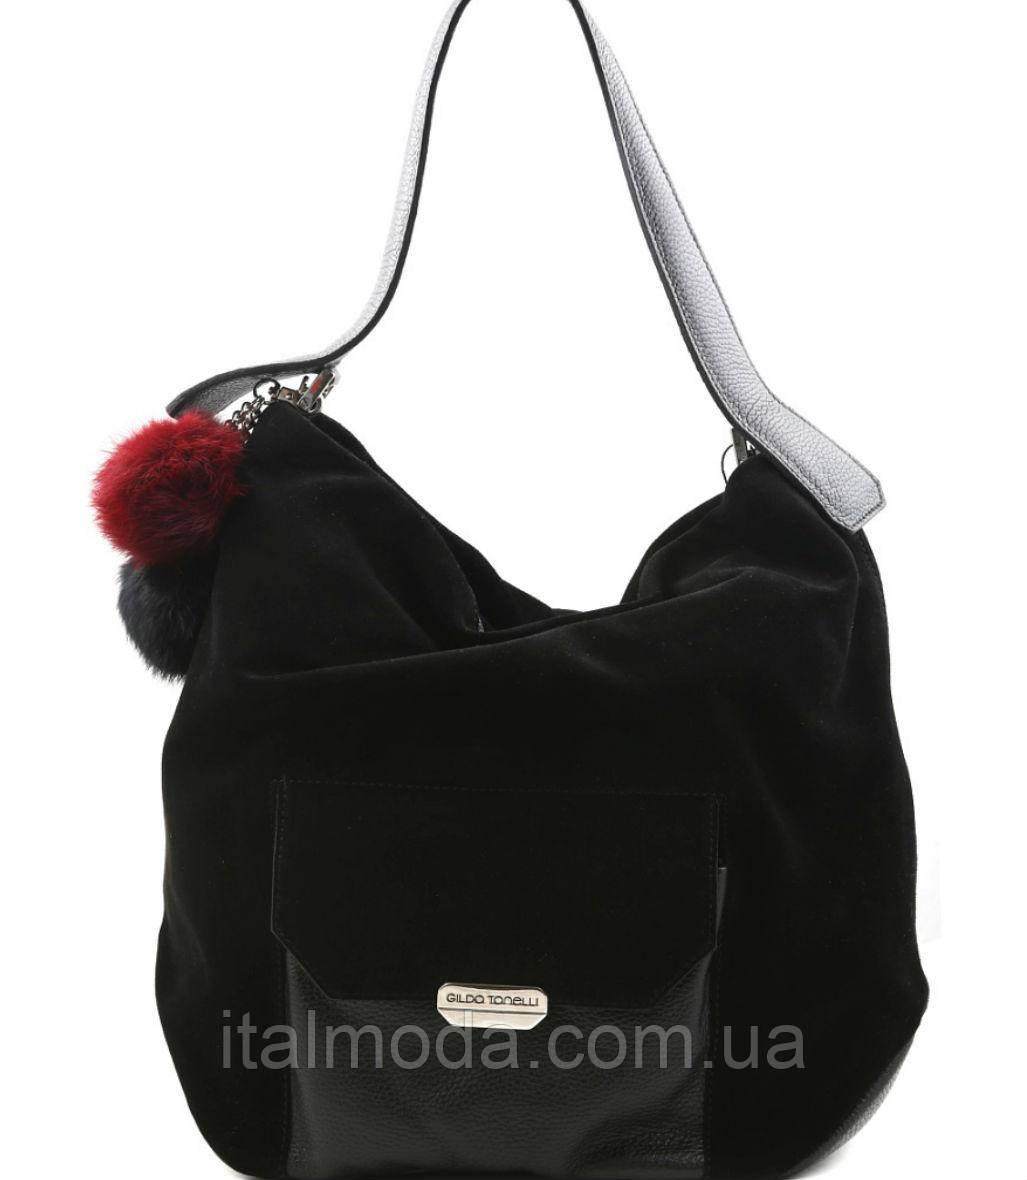 b6dbb9f5f411 Женская сумка Gilda Tonelli 6234, цена 6 720 грн., купить в Киеве ...